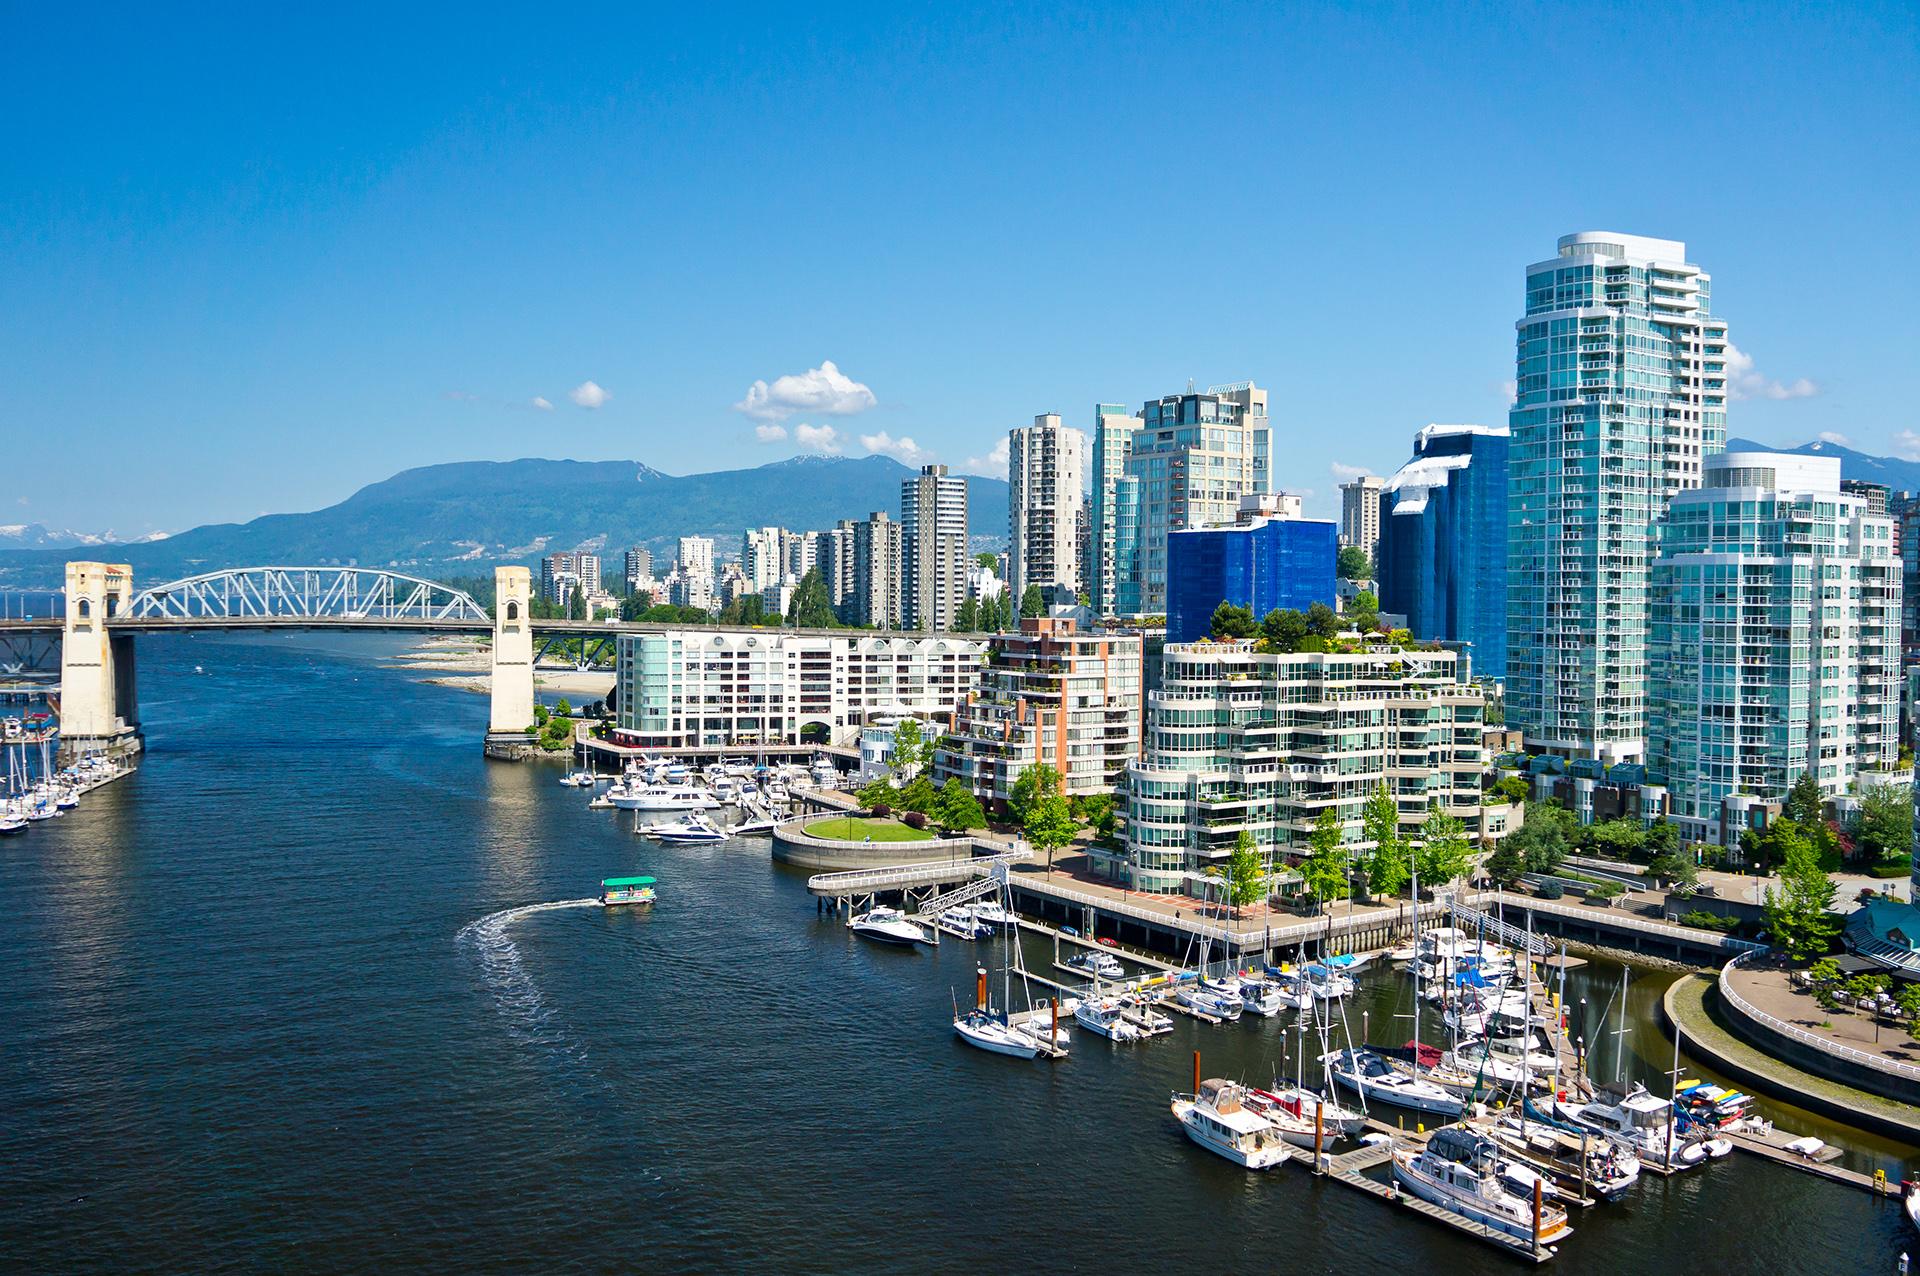 Vancouver ha sido votada varias veces como una de las diez mejores ciudades para vivir. Es una ciudad poblada por una sociedad cosmopolita, educada, de alto poder adquisitivo y rodeada de un escenario natural que parece mentira que pueda alzarse a metros de edificios de cristal y de tiendas de tendencia que convocan a las grandes marcas del mundo